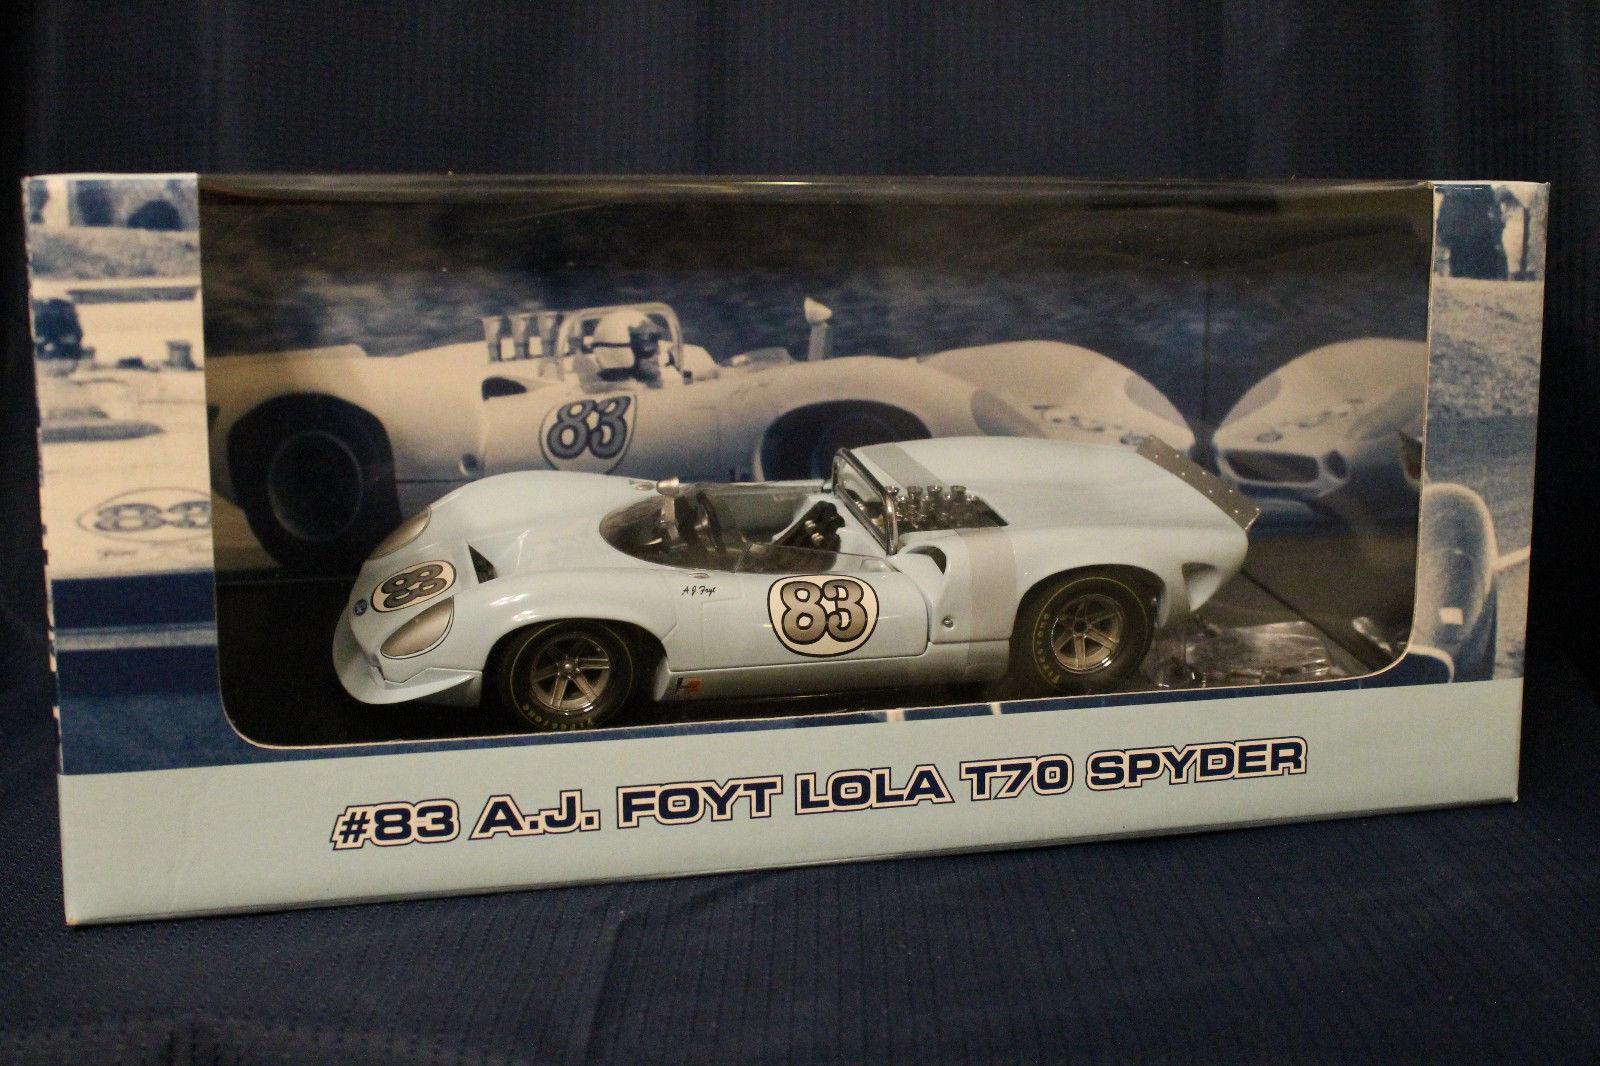 Gmp 1:18 a J Foyt Auto da Corsa Lola T70 Spyder Numerato Edizione Limitata